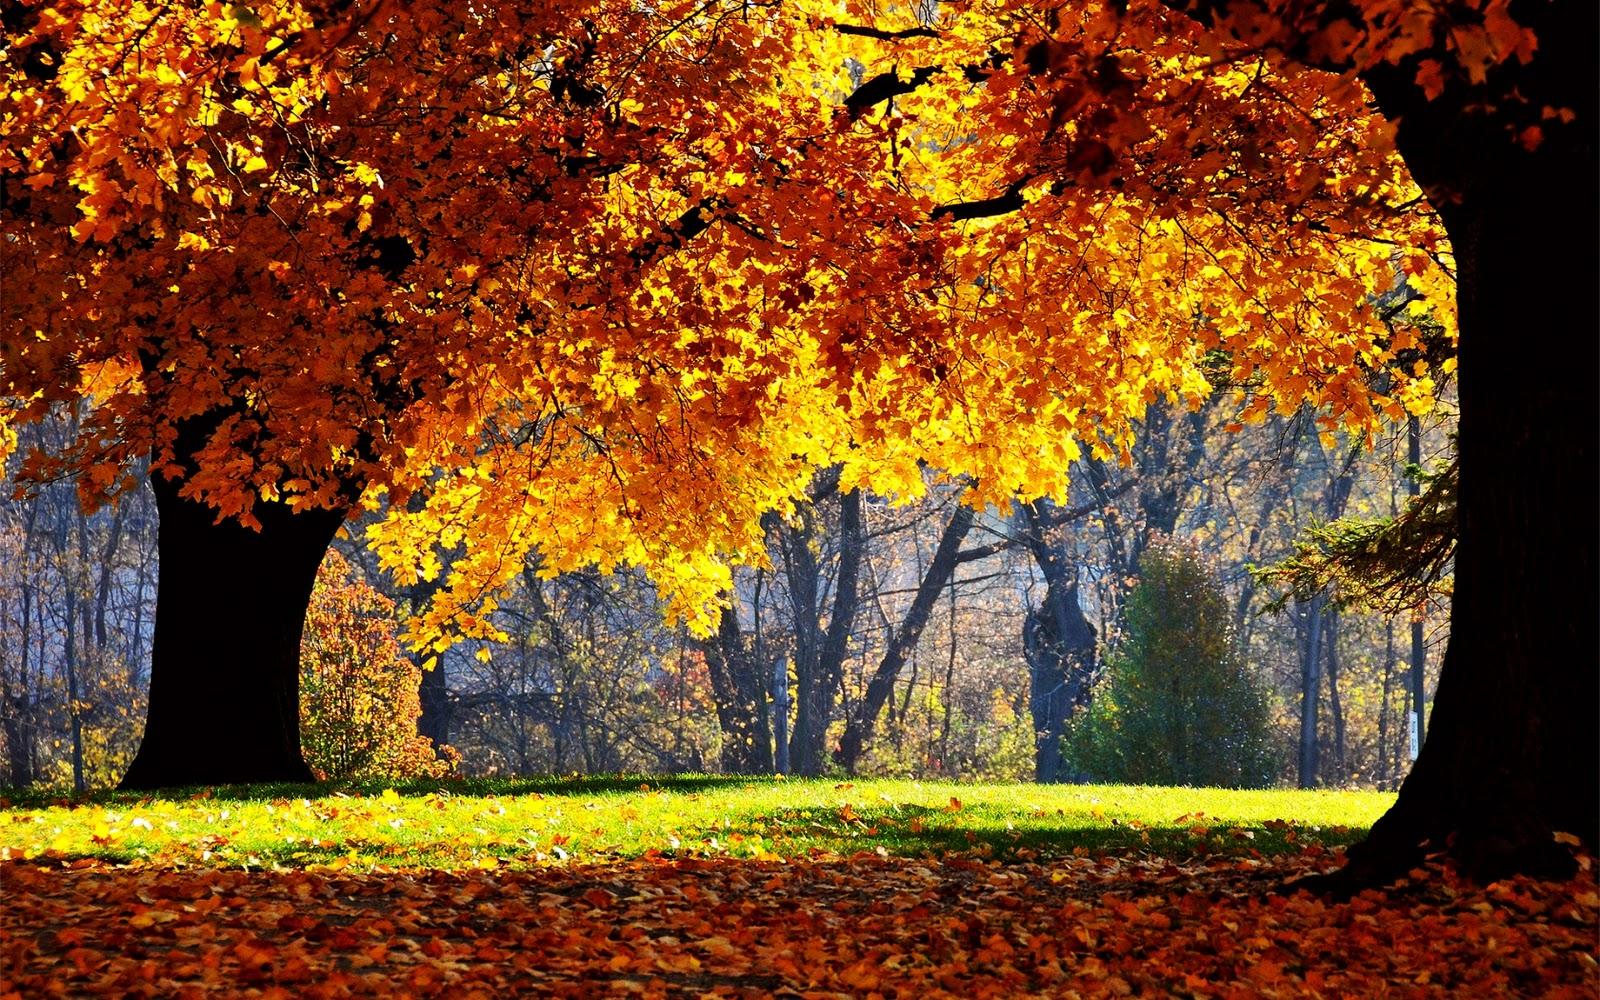 http://2.bp.blogspot.com/_RAlP3BmEW1Q/TQNiEiJ7Y2I/AAAAAAAABMY/_xWUaCiqajU/s1600/Herfst-achtergronden-herfst-wallpapers-1.jpg